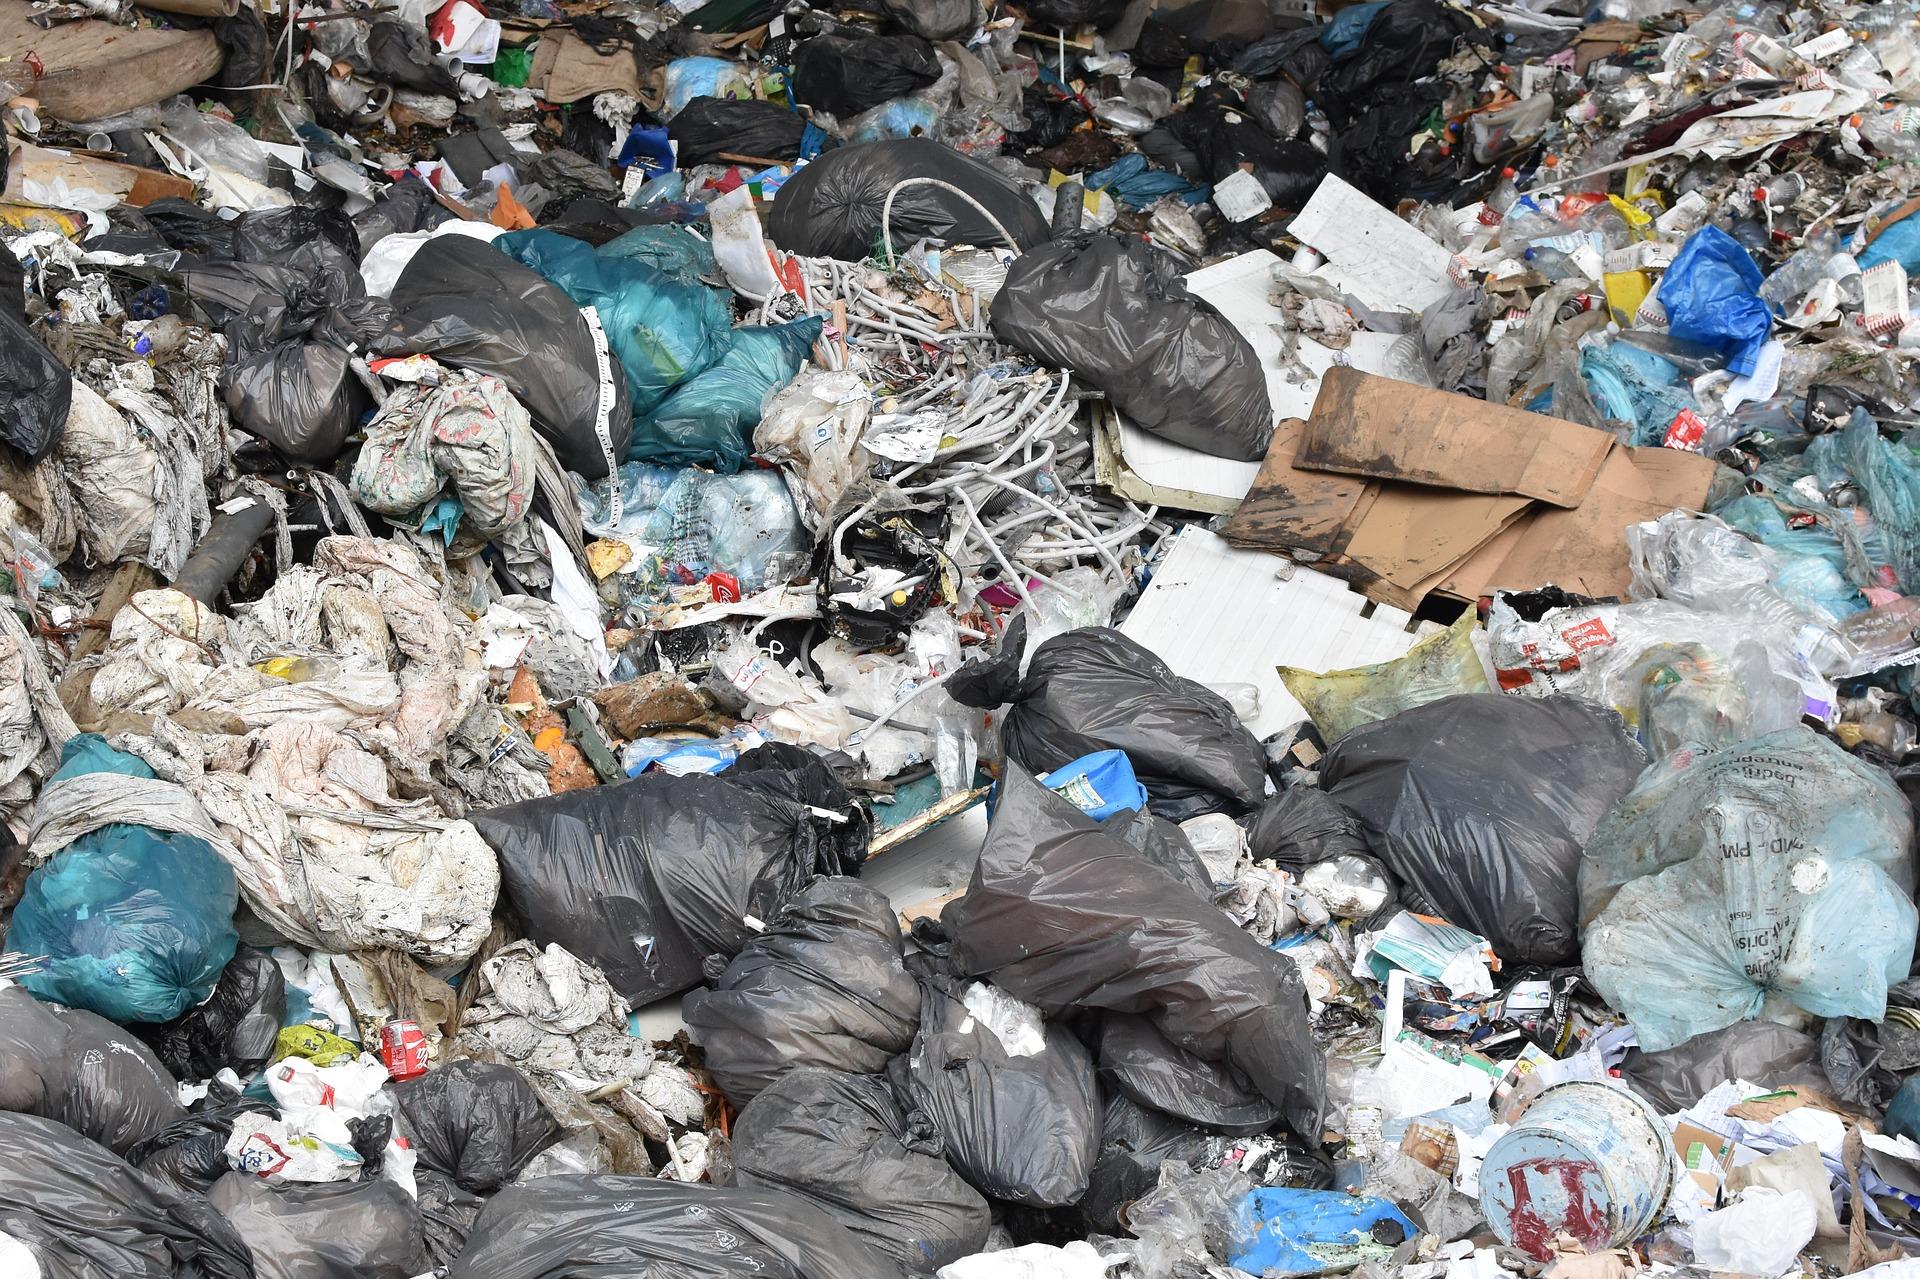 Reciclaje frente a acumulación de residuos